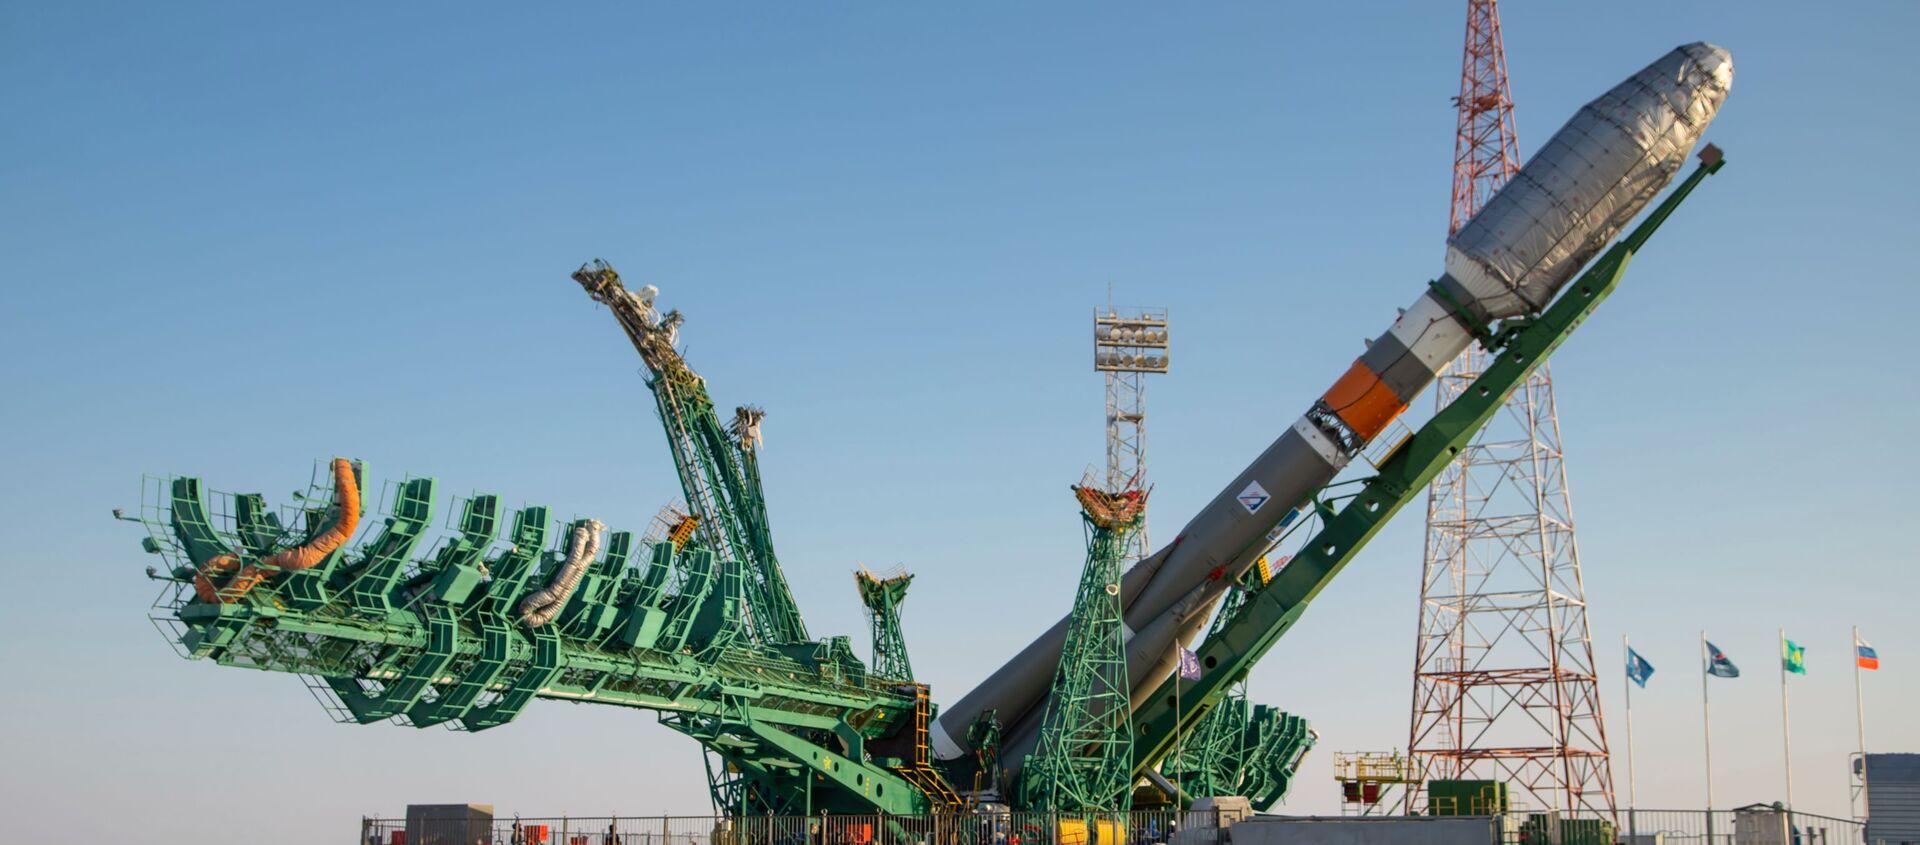 Usunięcie rakiety nośnej Sojuz-2.1b z pierwszym satelitą Arktika-M na miejsce startu - Sputnik Polska, 1920, 25.02.2021